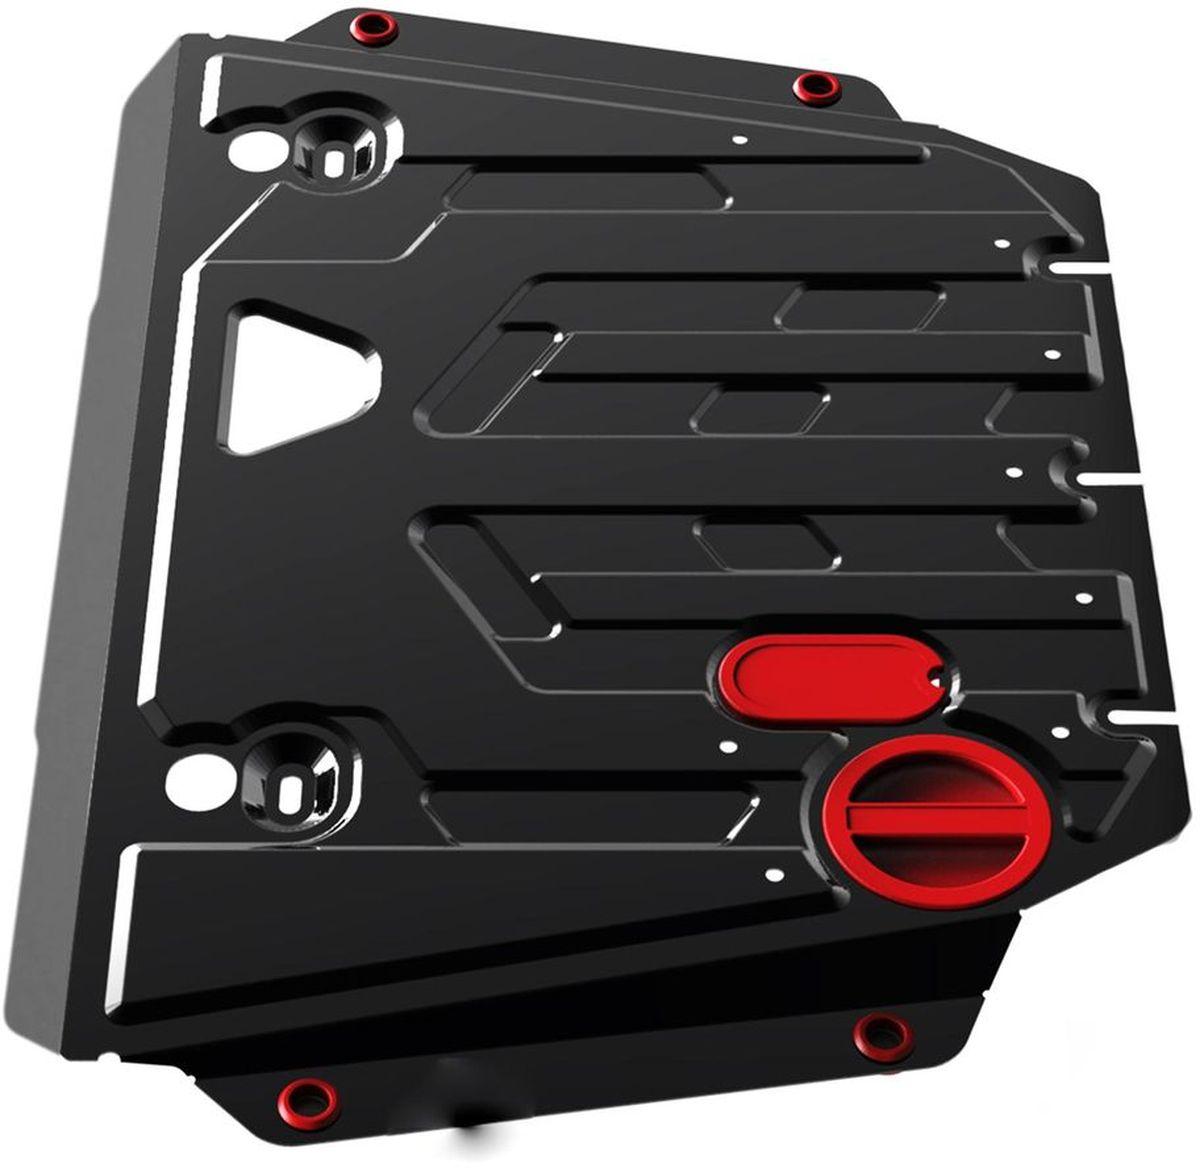 Защита картера Автоброня Haval H8 2015-, сталь 2 мм111.09413.1Защита картера Автоброня Haval H8, V-2,0T 2015-, сталь 2 мм, комплект крепежа, 111.09413.1Стальные защиты Автоброня надежно защищают ваш автомобиль от повреждений при наезде на бордюры, выступающие канализационные люки, кромки поврежденного асфальта или при ремонте дорог, не говоря уже о загородных дорогах.- Имеют оптимальное соотношение цена-качество.- Спроектированы с учетом особенностей автомобиля, что делает установку удобной.- Защита устанавливается в штатные места кузова автомобиля.- Является надежной защитой для важных элементов на протяжении долгих лет.- Глубокий штамп дополнительно усиливает конструкцию защиты.- Подштамповка в местах крепления защищает крепеж от срезания.- Технологические отверстия там, где они необходимы для смены масла и слива воды, оборудованные заглушками, закрепленными на защите.Толщина стали 2 мм.В комплекте крепеж и инструкция по установке.Уважаемые клиенты!Обращаем ваше внимание на тот факт, что защита имеет форму, соответствующую модели данного автомобиля. Наличие глубокого штампа и лючков для смены фильтров/масла предусмотрено не на всех защитах. Фото служит для визуального восприятия товара.